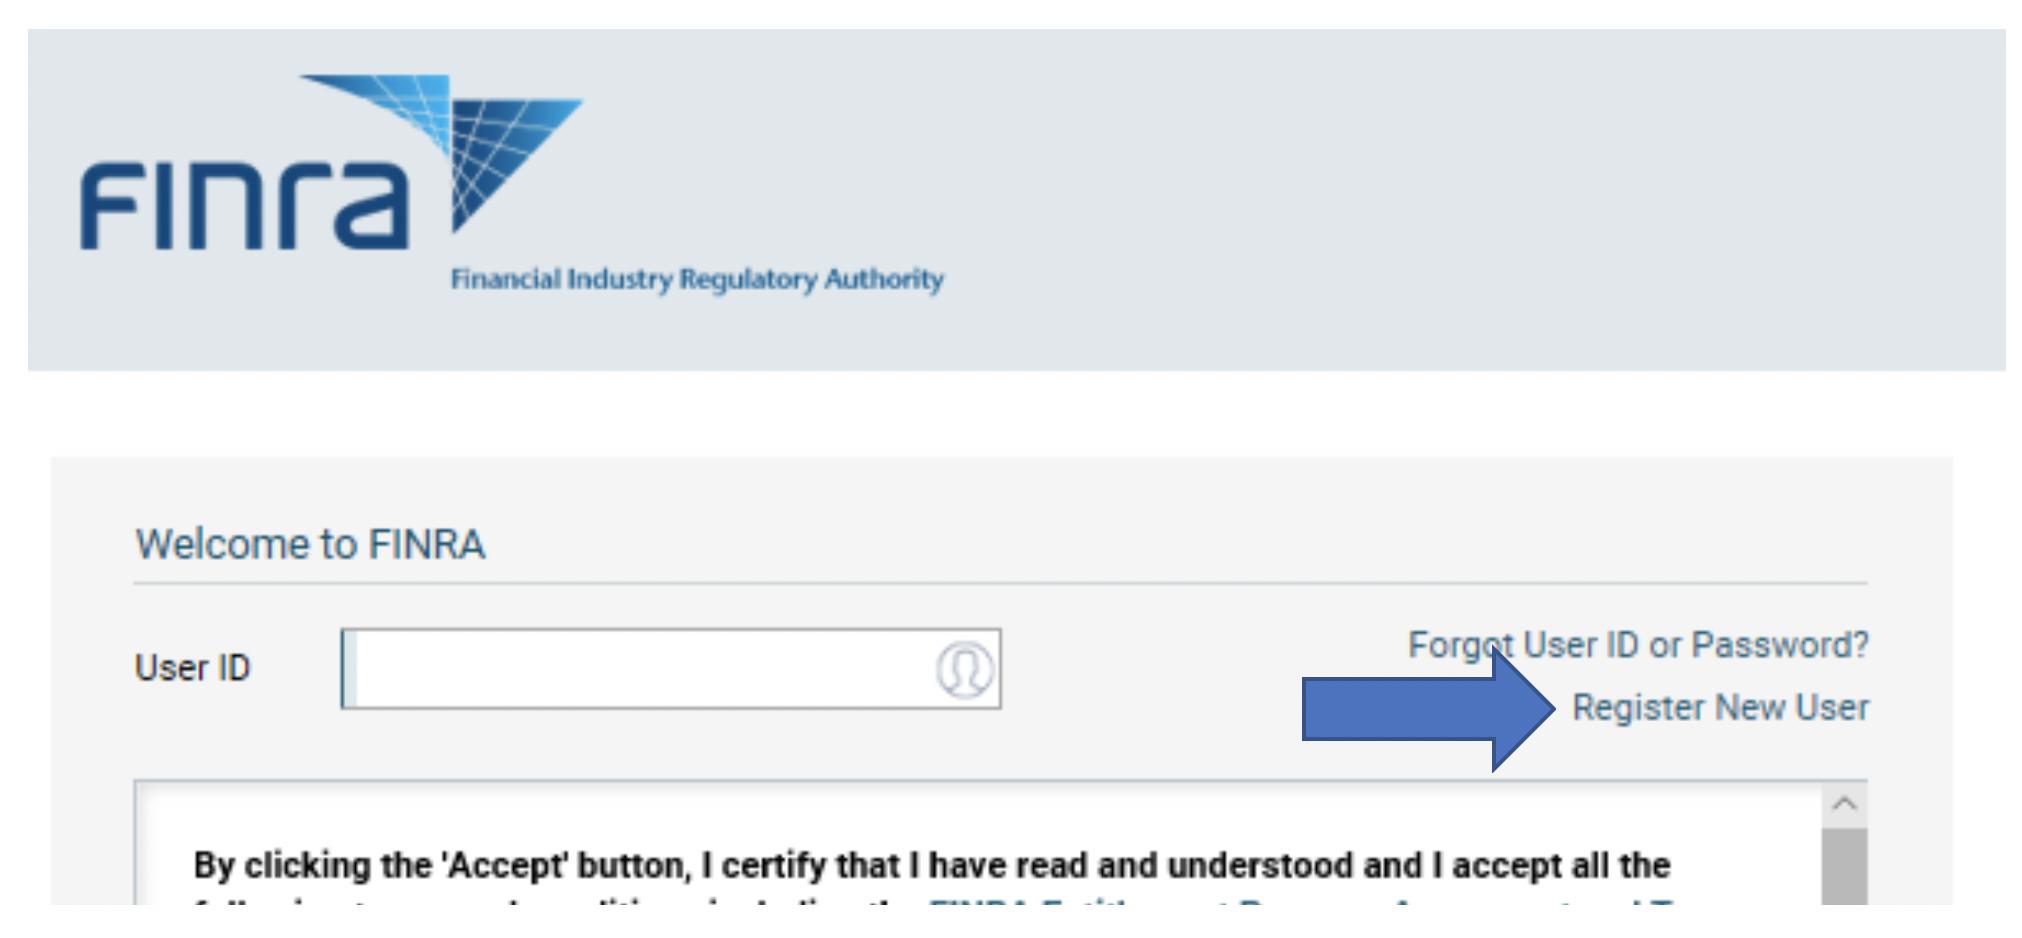 Register new finra user